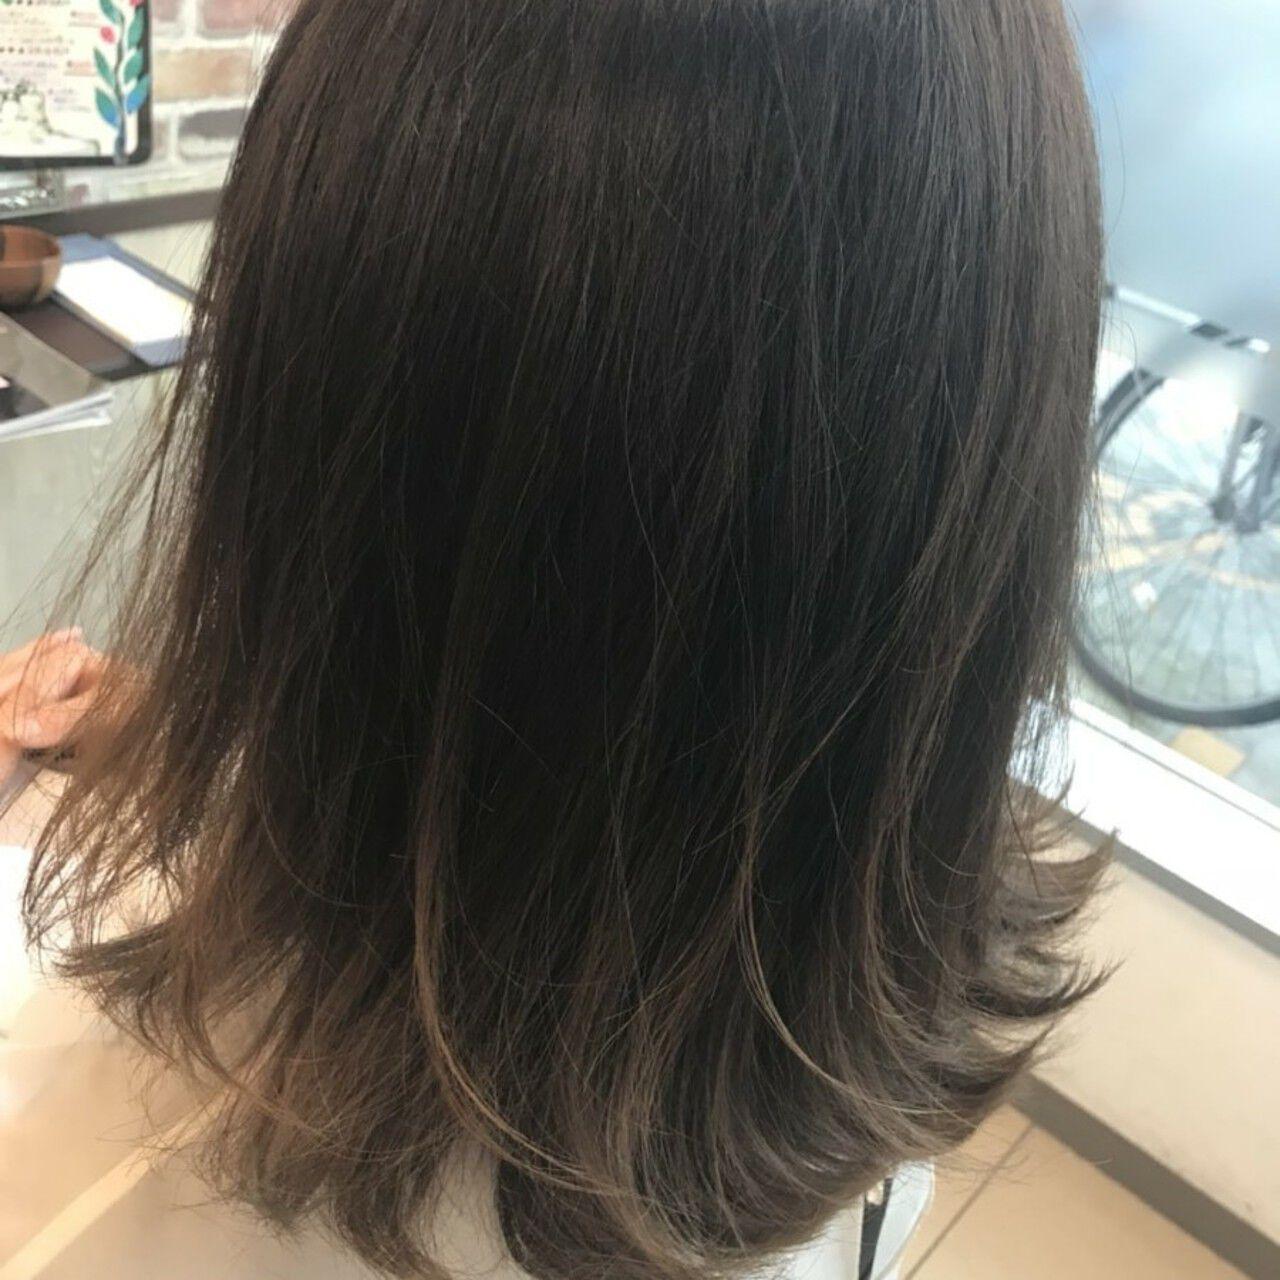 ナチュラル グレージュ グラデーションカラー ハイライトヘアスタイルや髪型の写真・画像